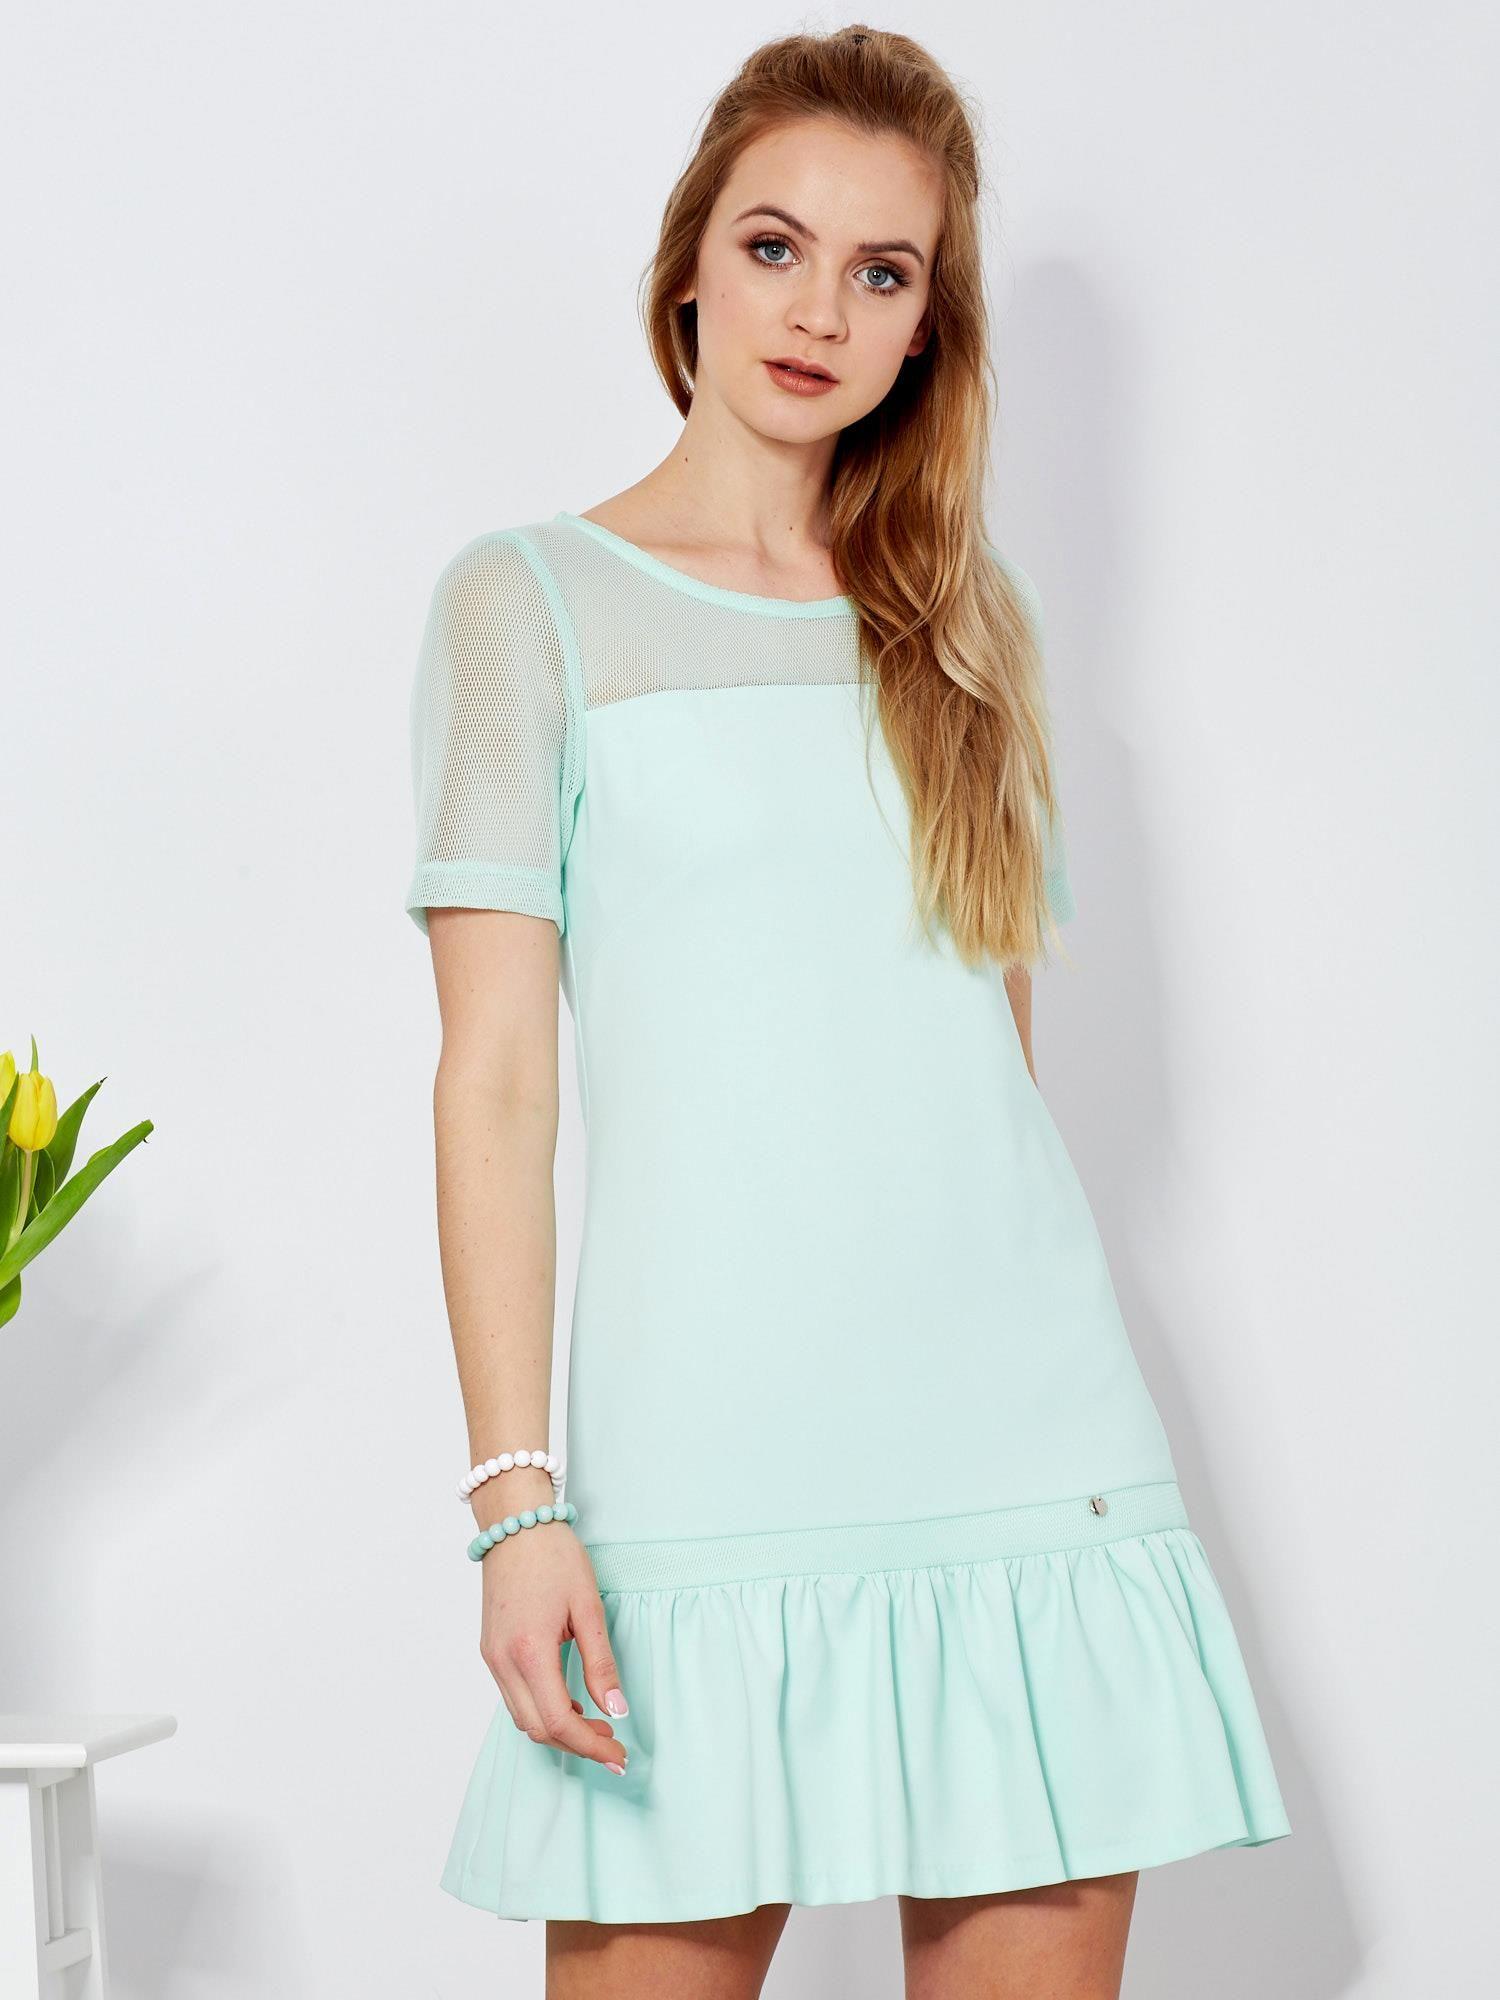 e1338dffe6 Sukienka miętowa z siatkowymi rękawami - Sukienka koktajlowa - sklep ...